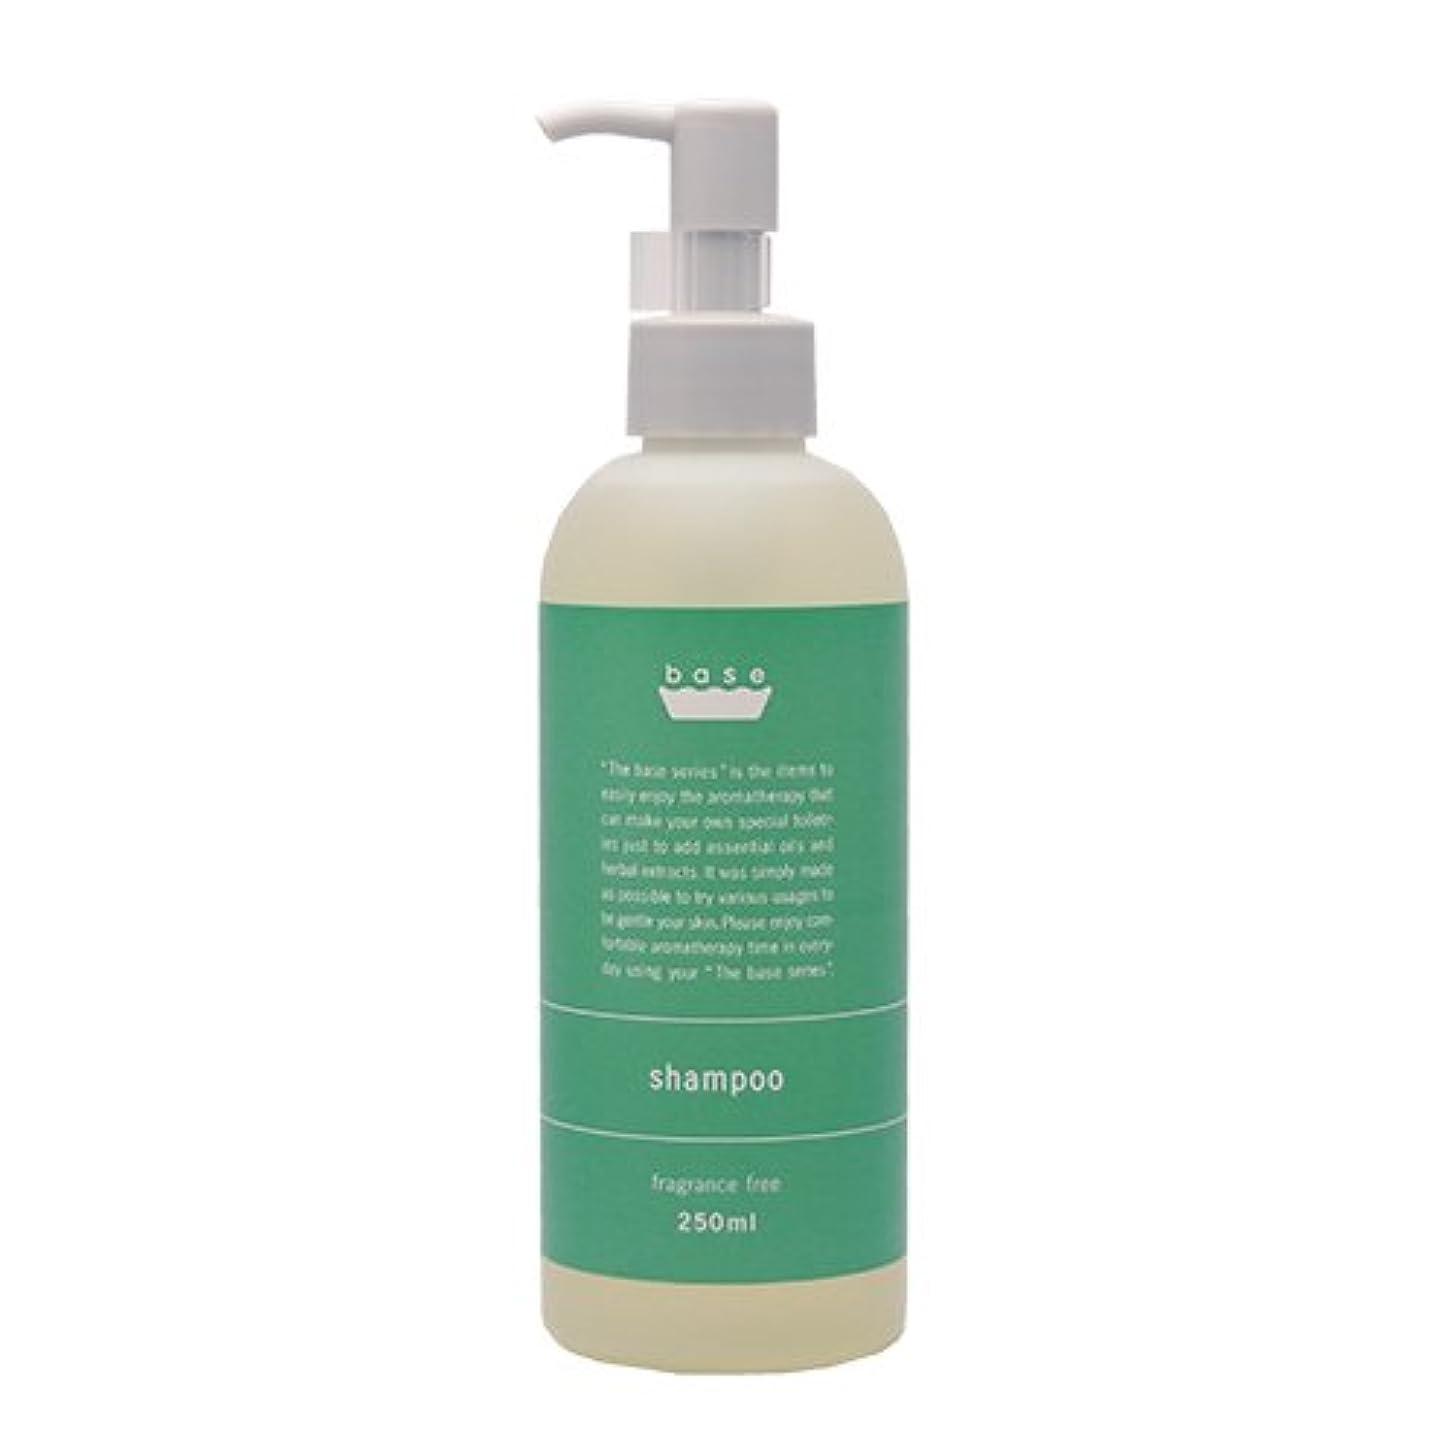 解決する罰レベルbase shampoo(ベースシャンプー)250ml